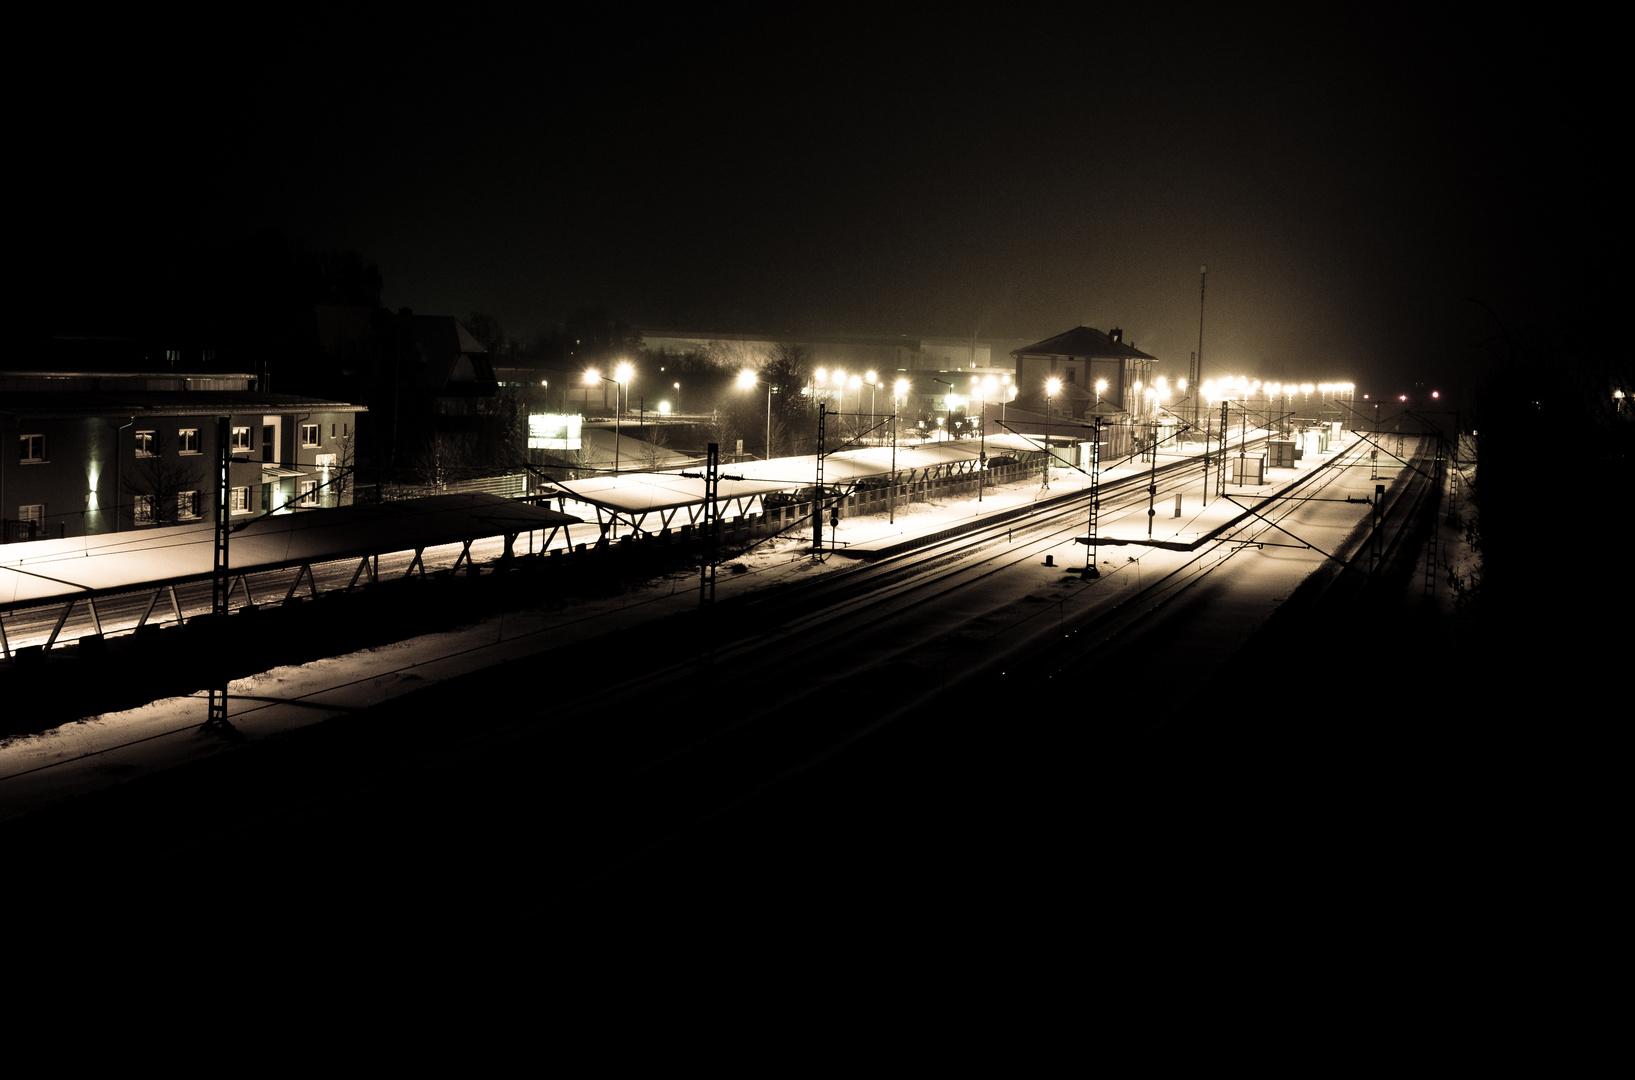 Nächtliche Bahnhofsimpression im Schnee